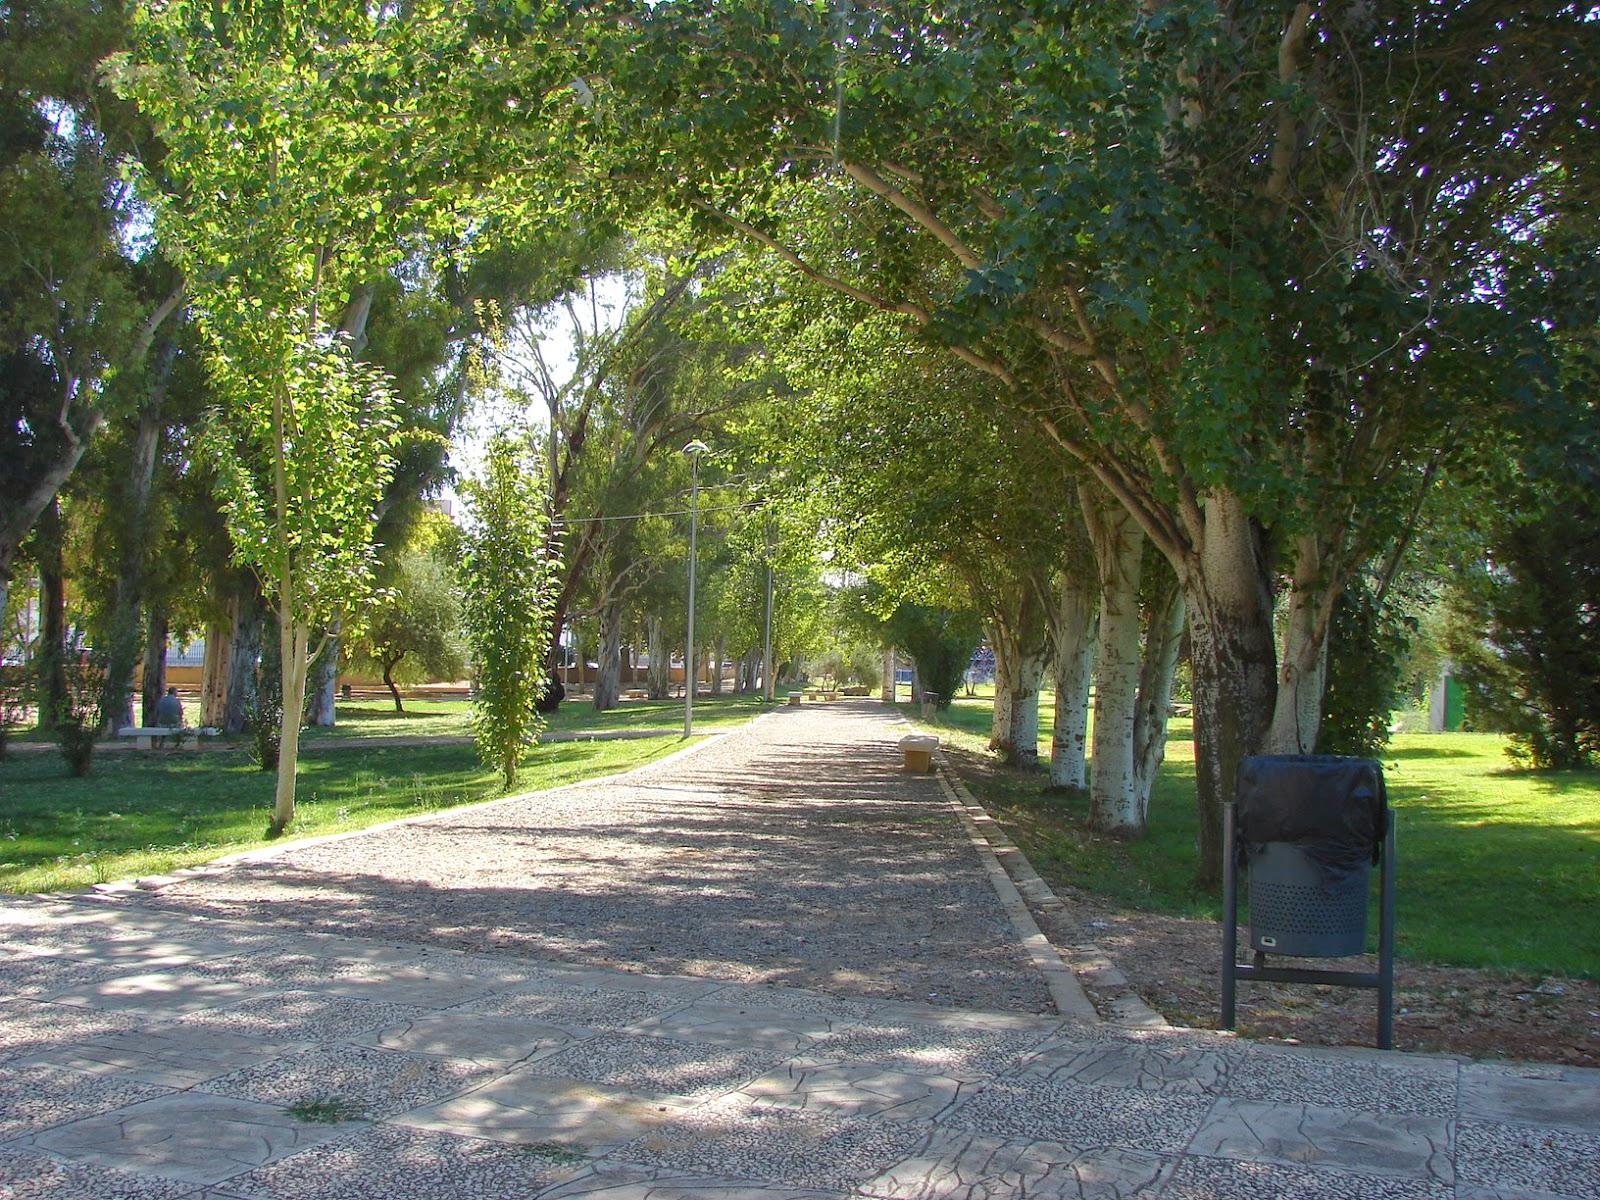 Sacan a concurso el mantenimiento de parques y jardines for Mantenimiento de parques y jardines